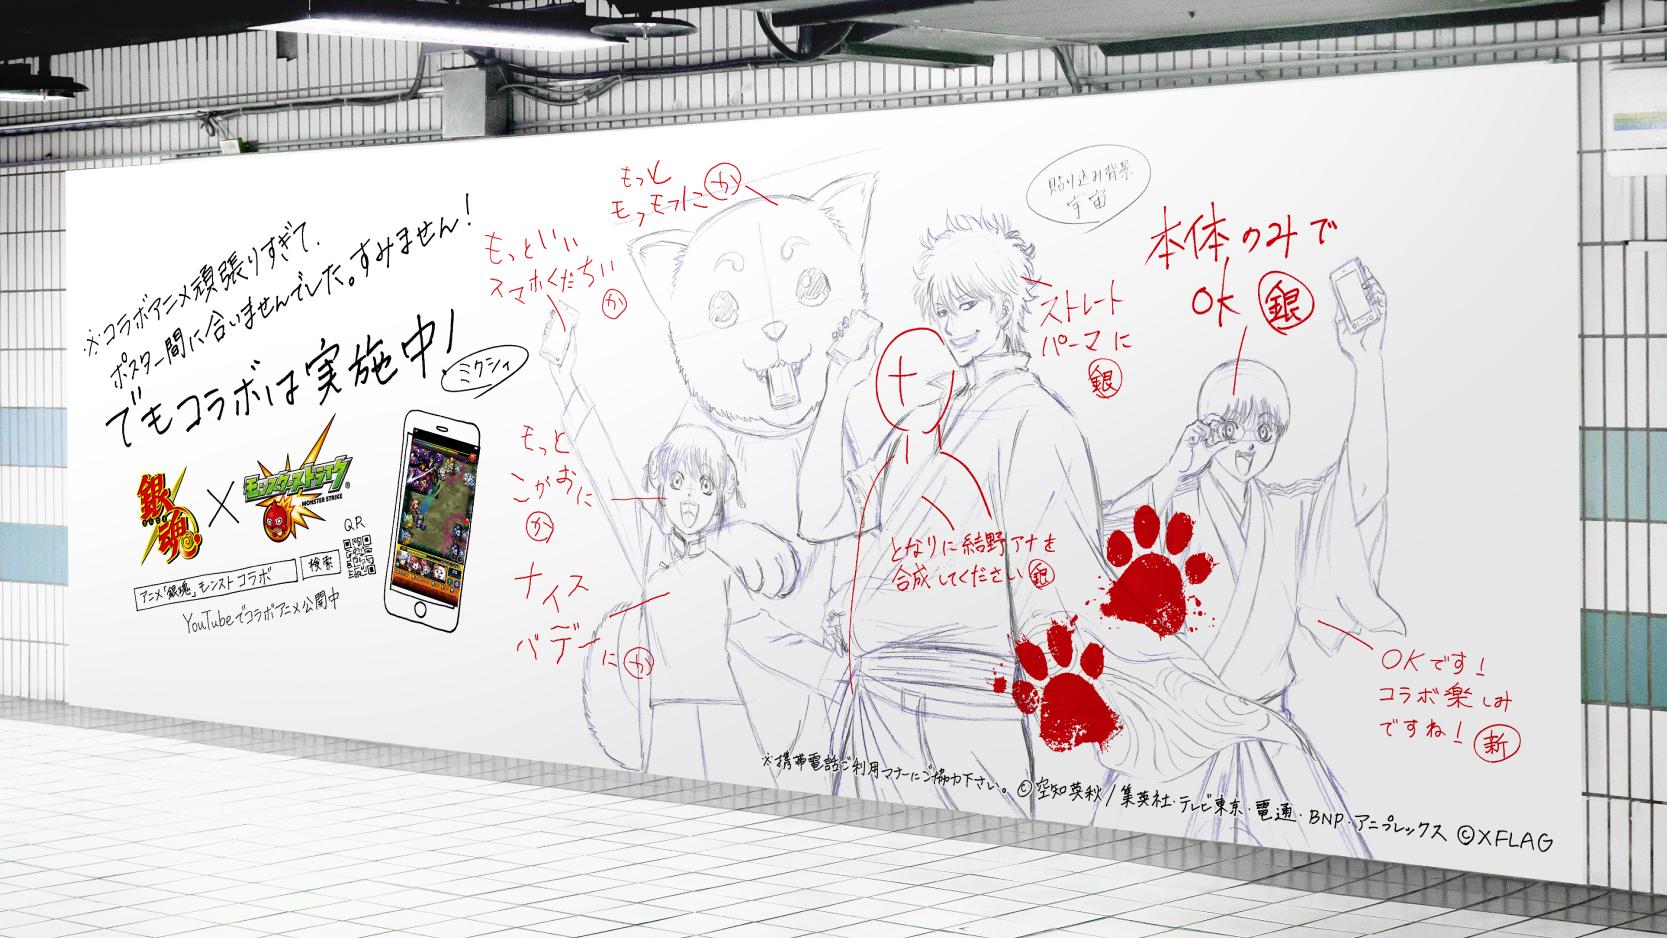 東武鉄道「池袋」駅構内掲出ポスター